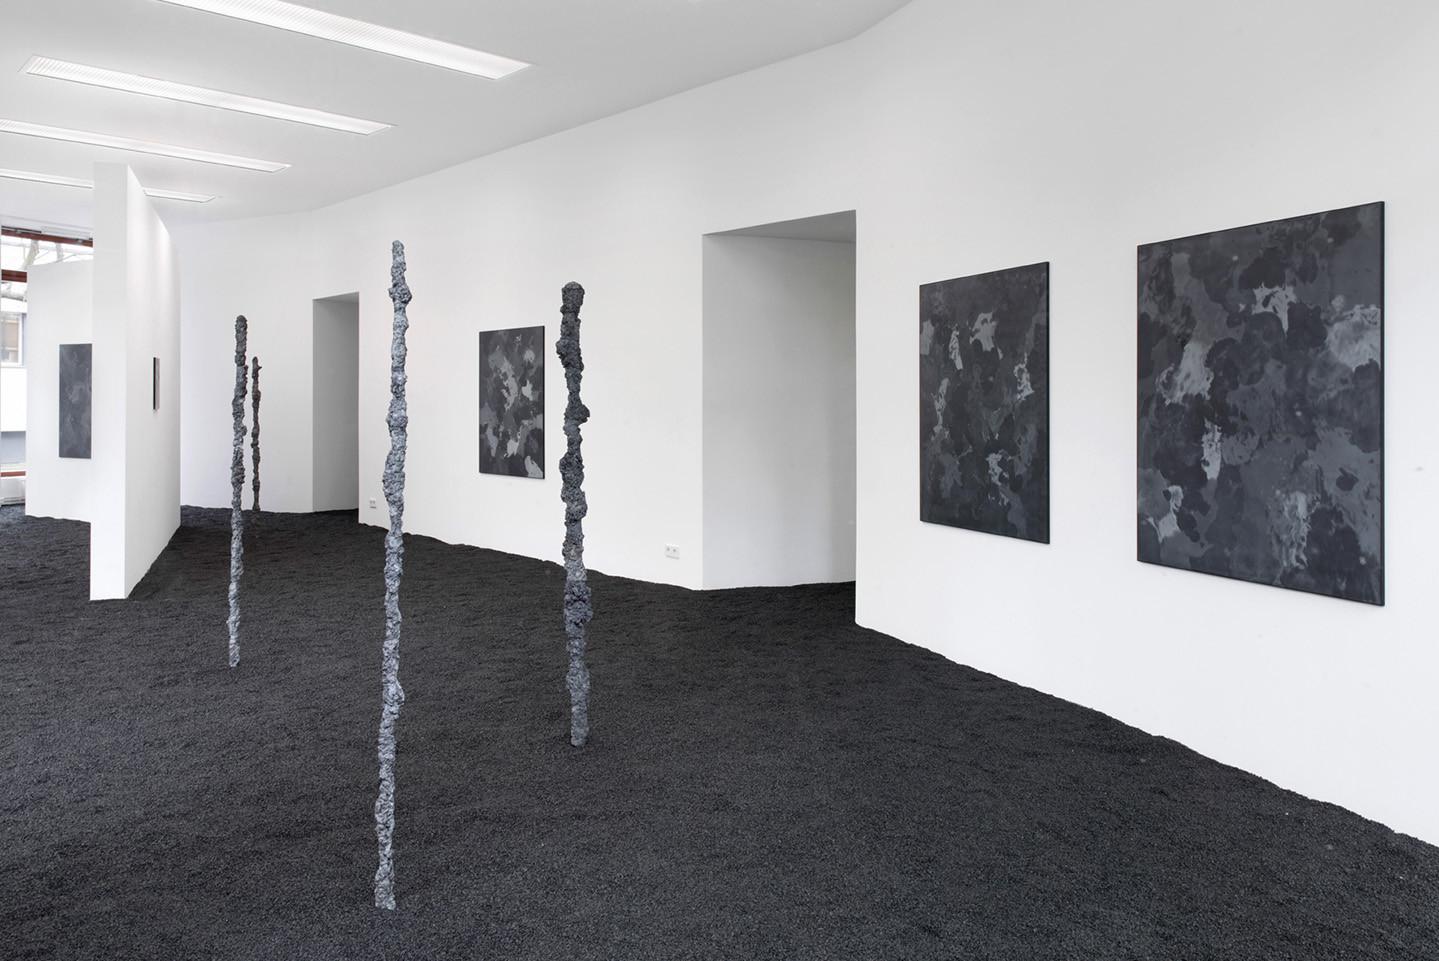 Matti Braun, Singale Sugat Installation View At BQ, Berlin Gallery Weekend,  2017. Courtesy: BQ, Berlin. Photo: Roman März